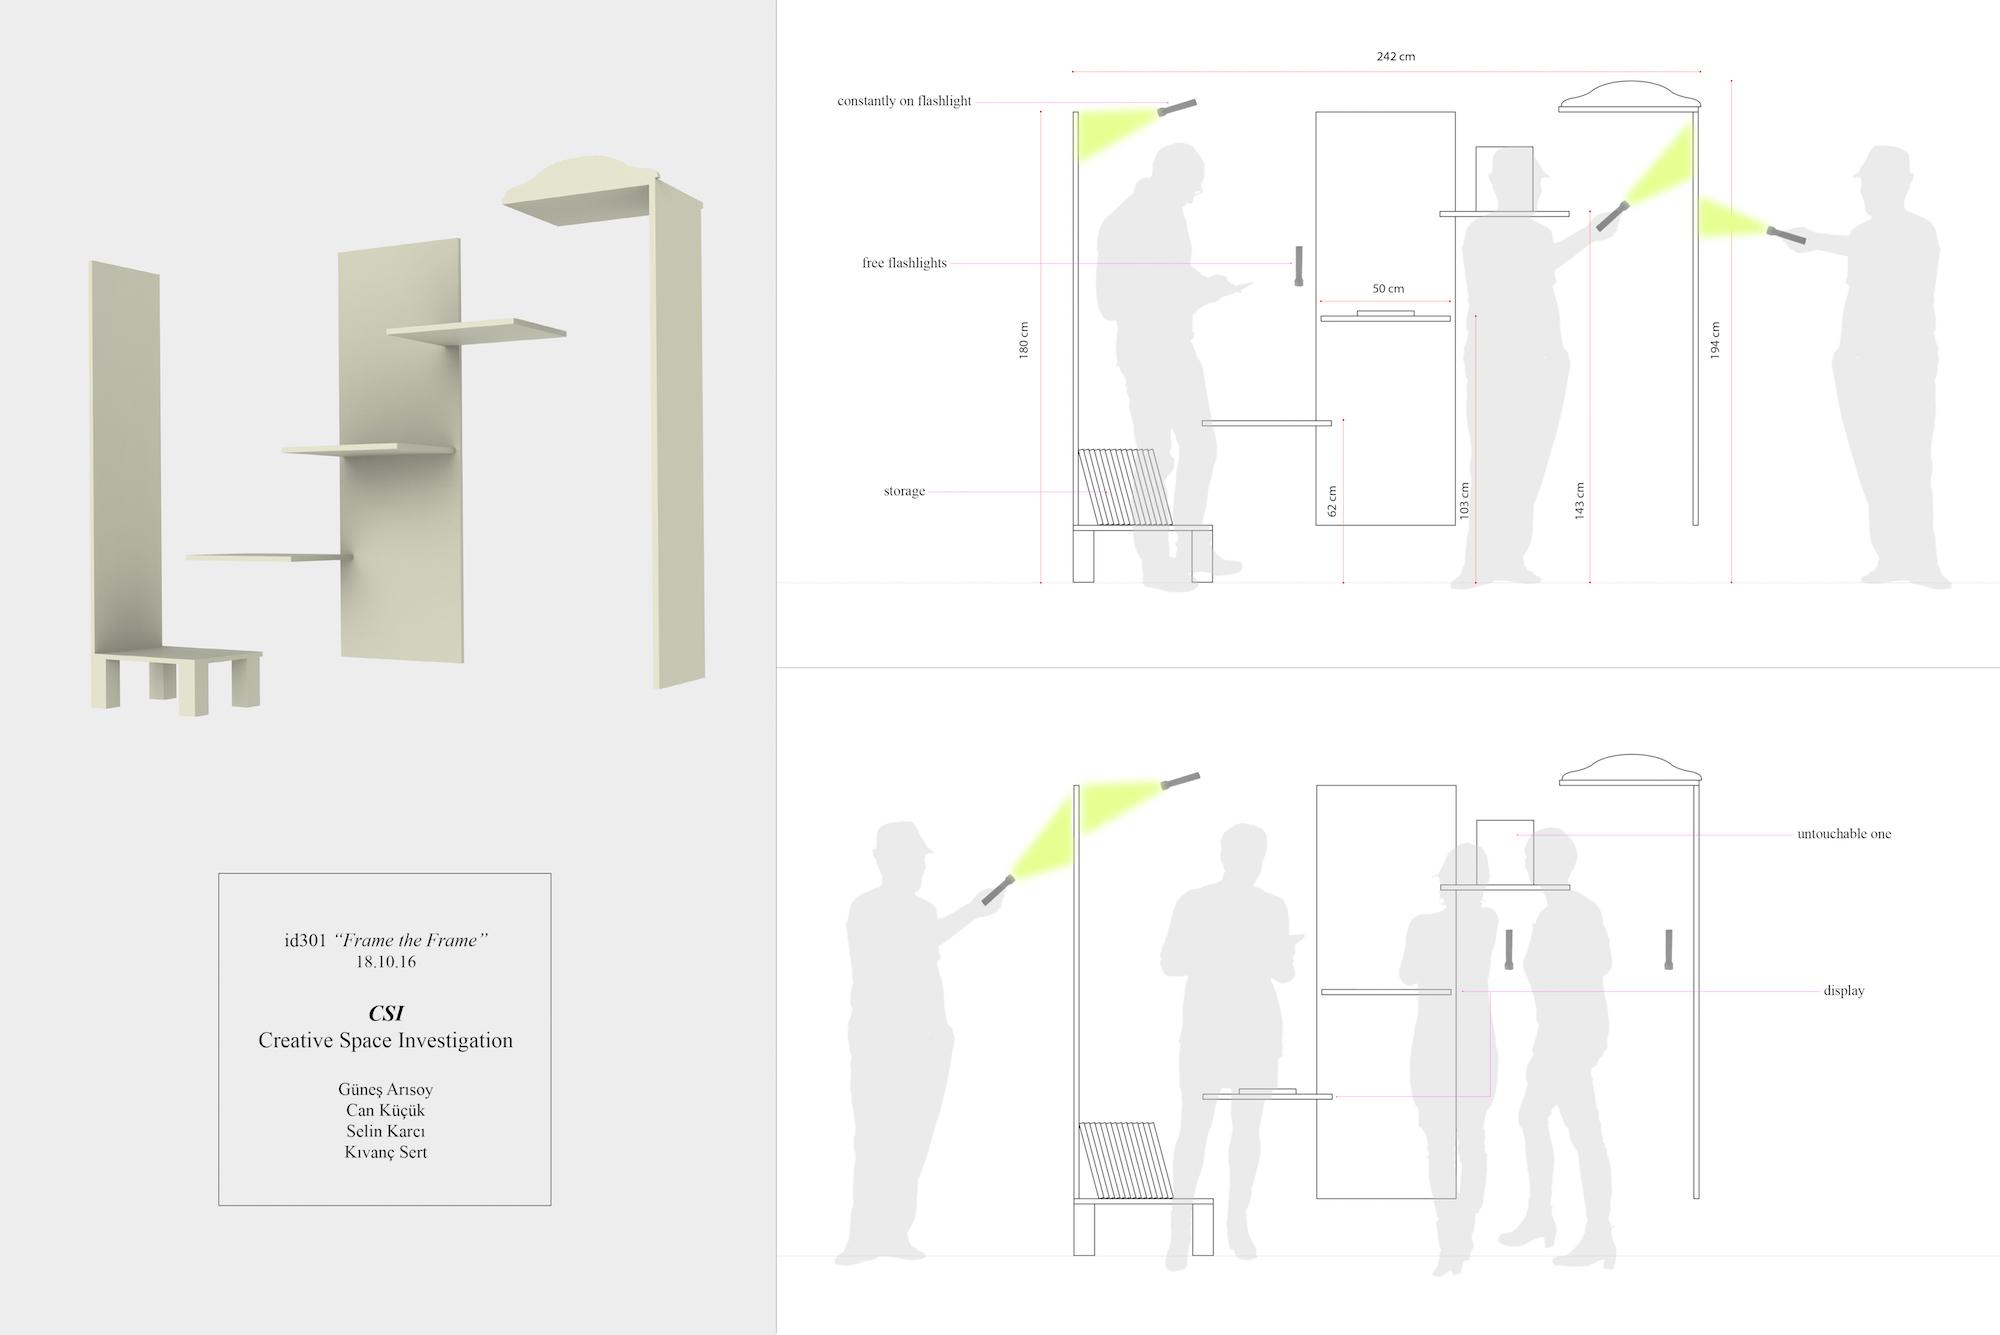 """""""The State of Design"""" studio Istanbul Bilgi University Department of Industrial Design / Scenario of the students: Can Küçük, Kıvanç Sert, Selin Karcı, Güneş Arısoy"""